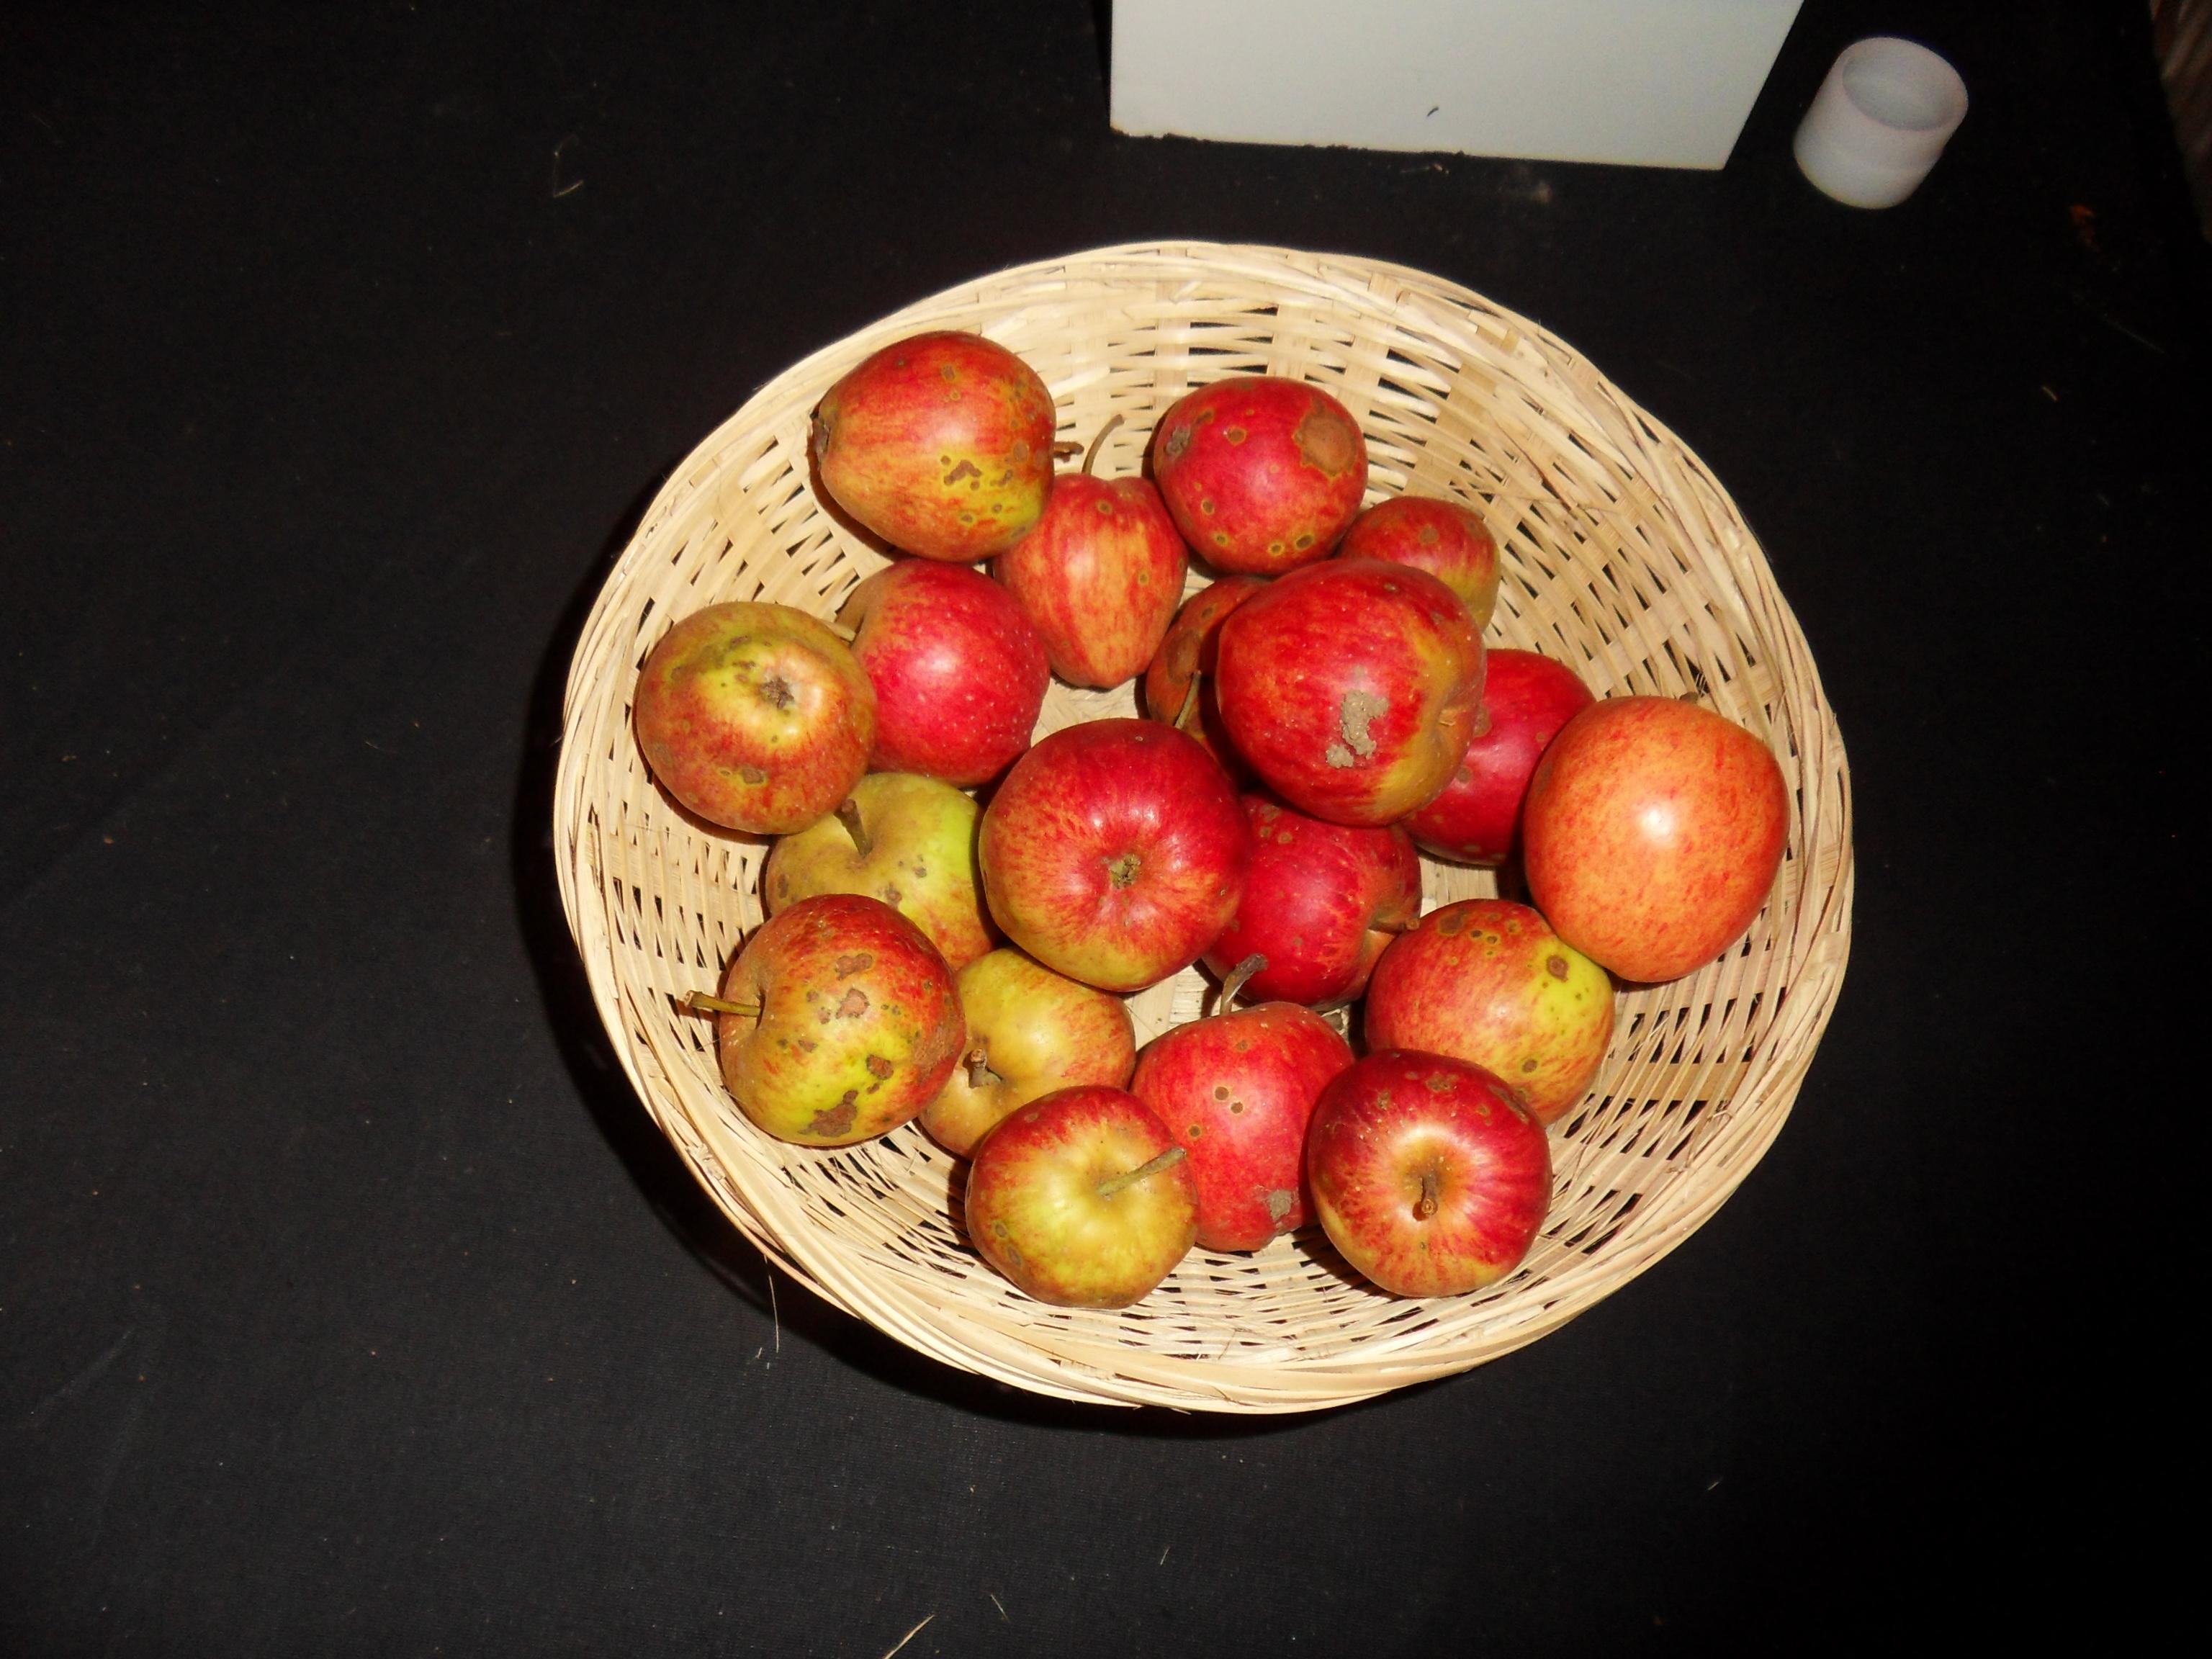 Fréquin rouge 1 (fruit).